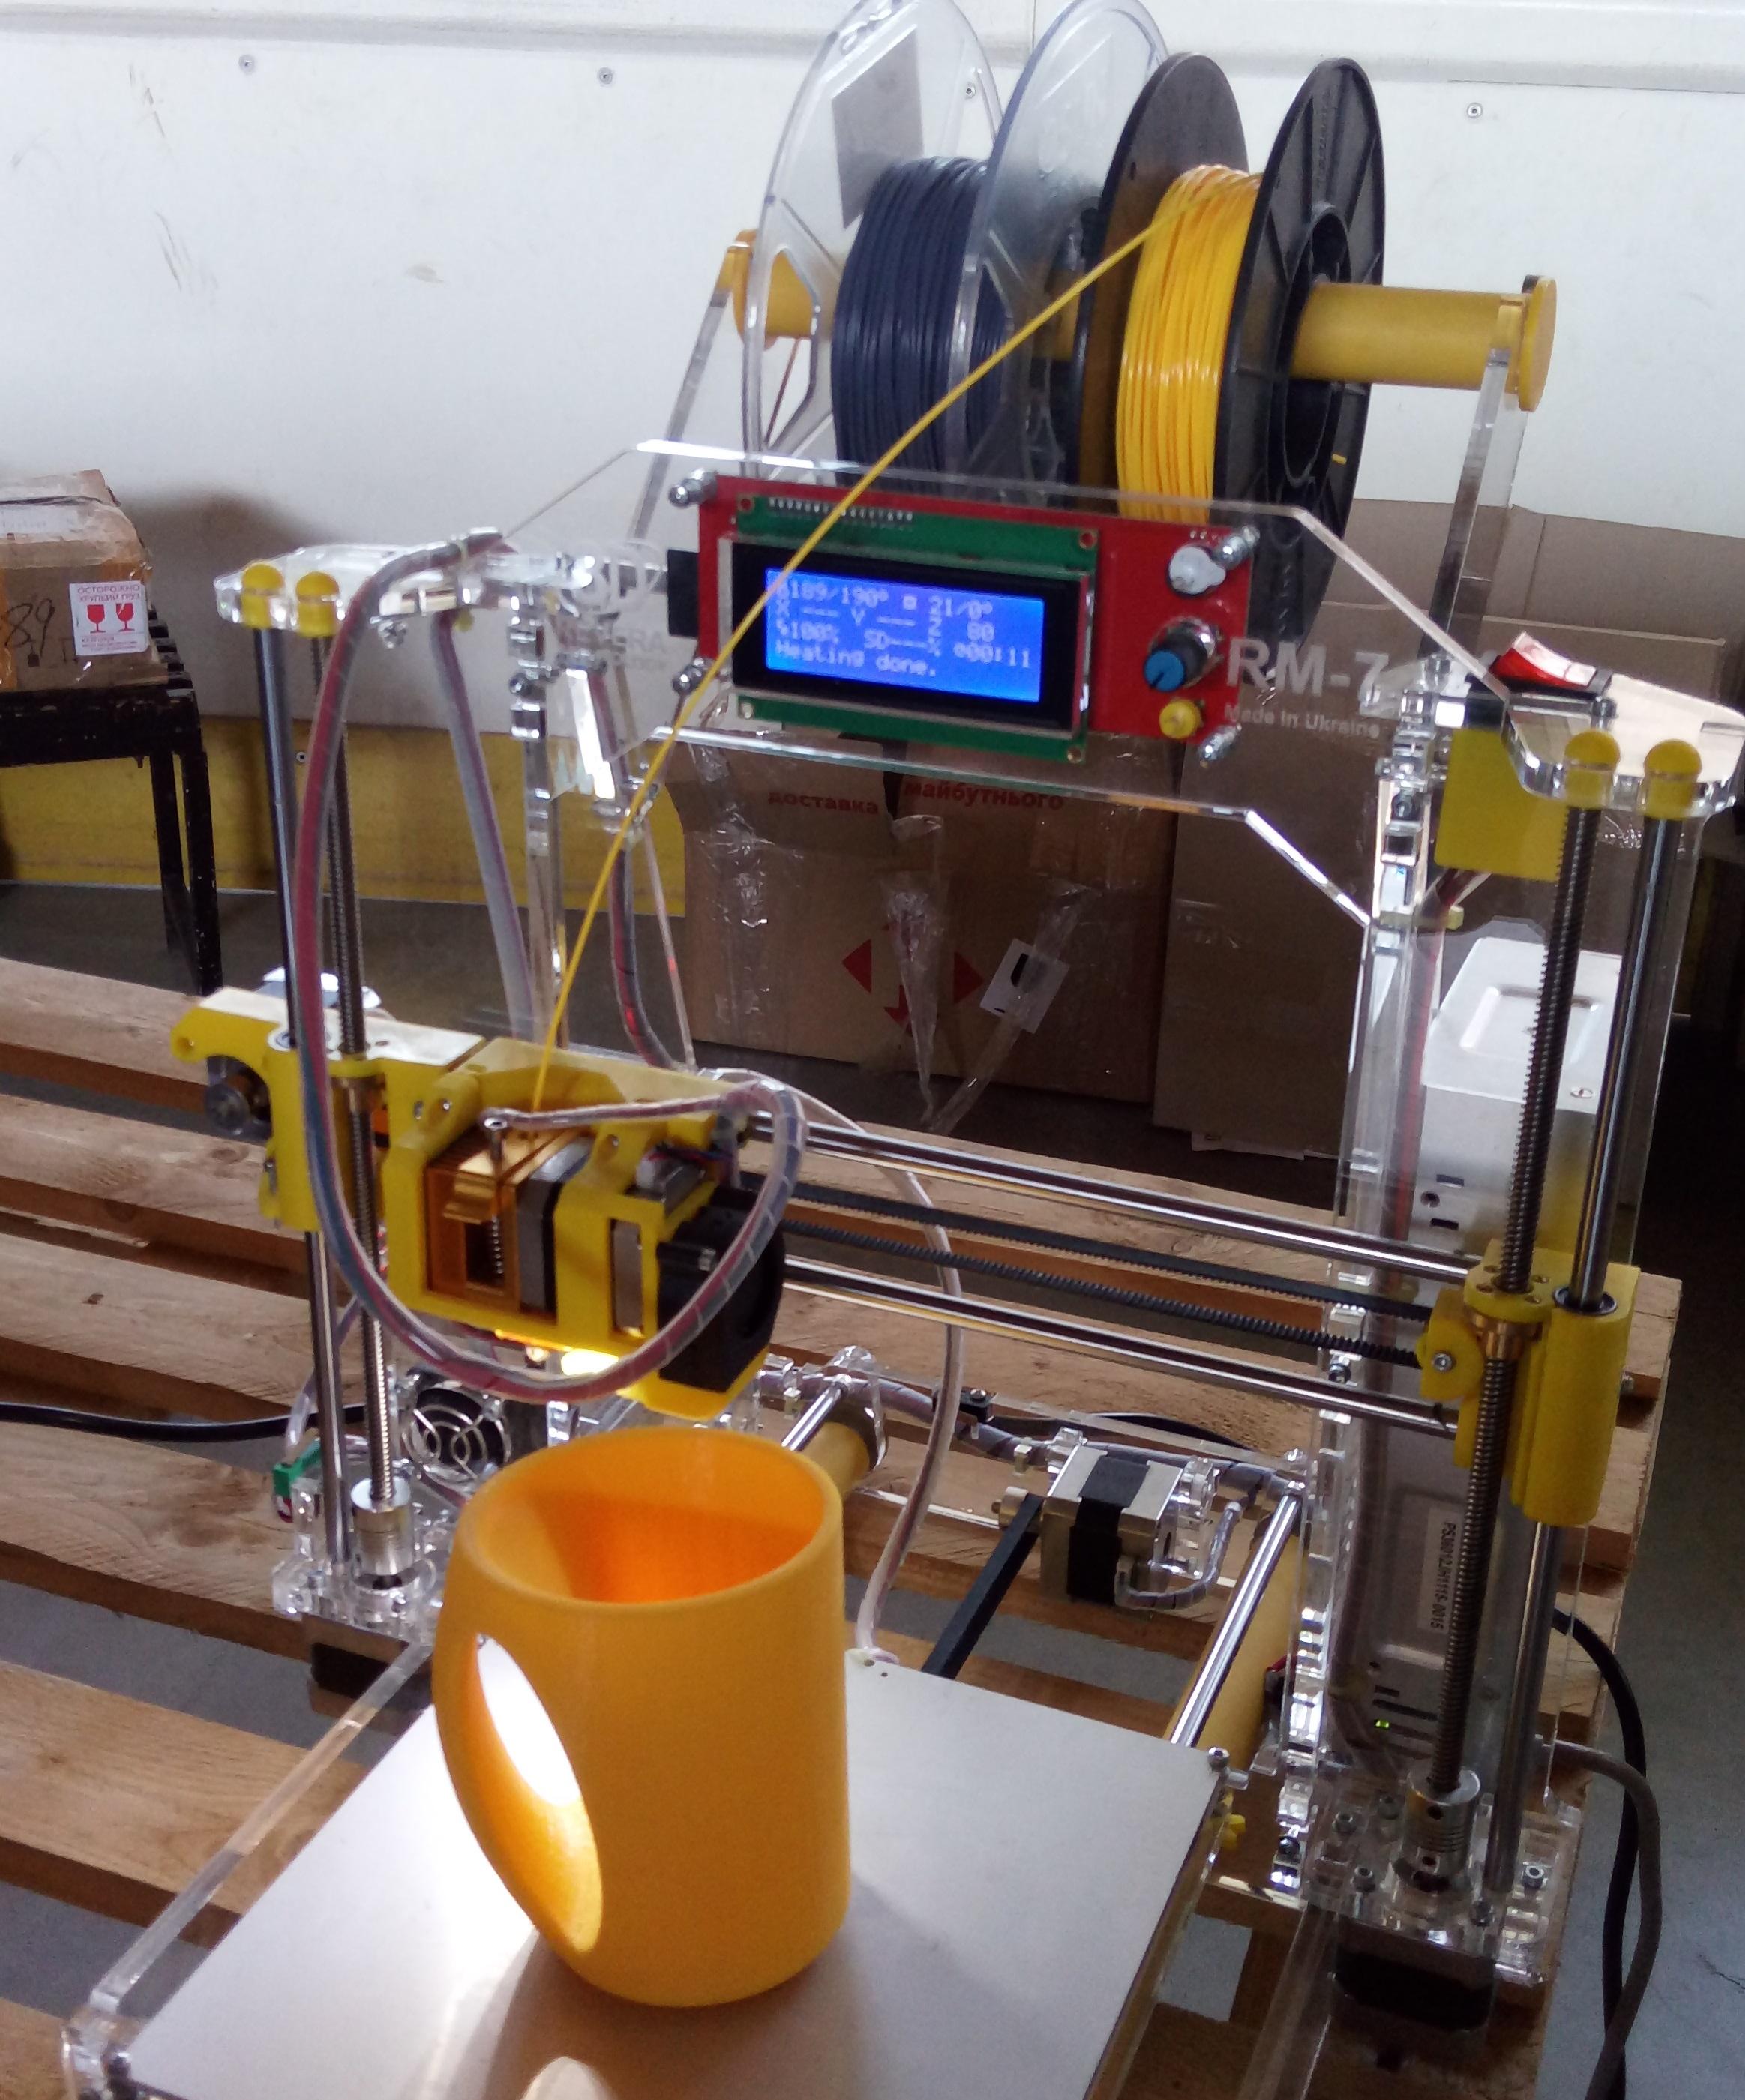 v-dnepre-proshel-festival-innovacionnykh-tekhnologijj-interpipe-techfest-3d-printer